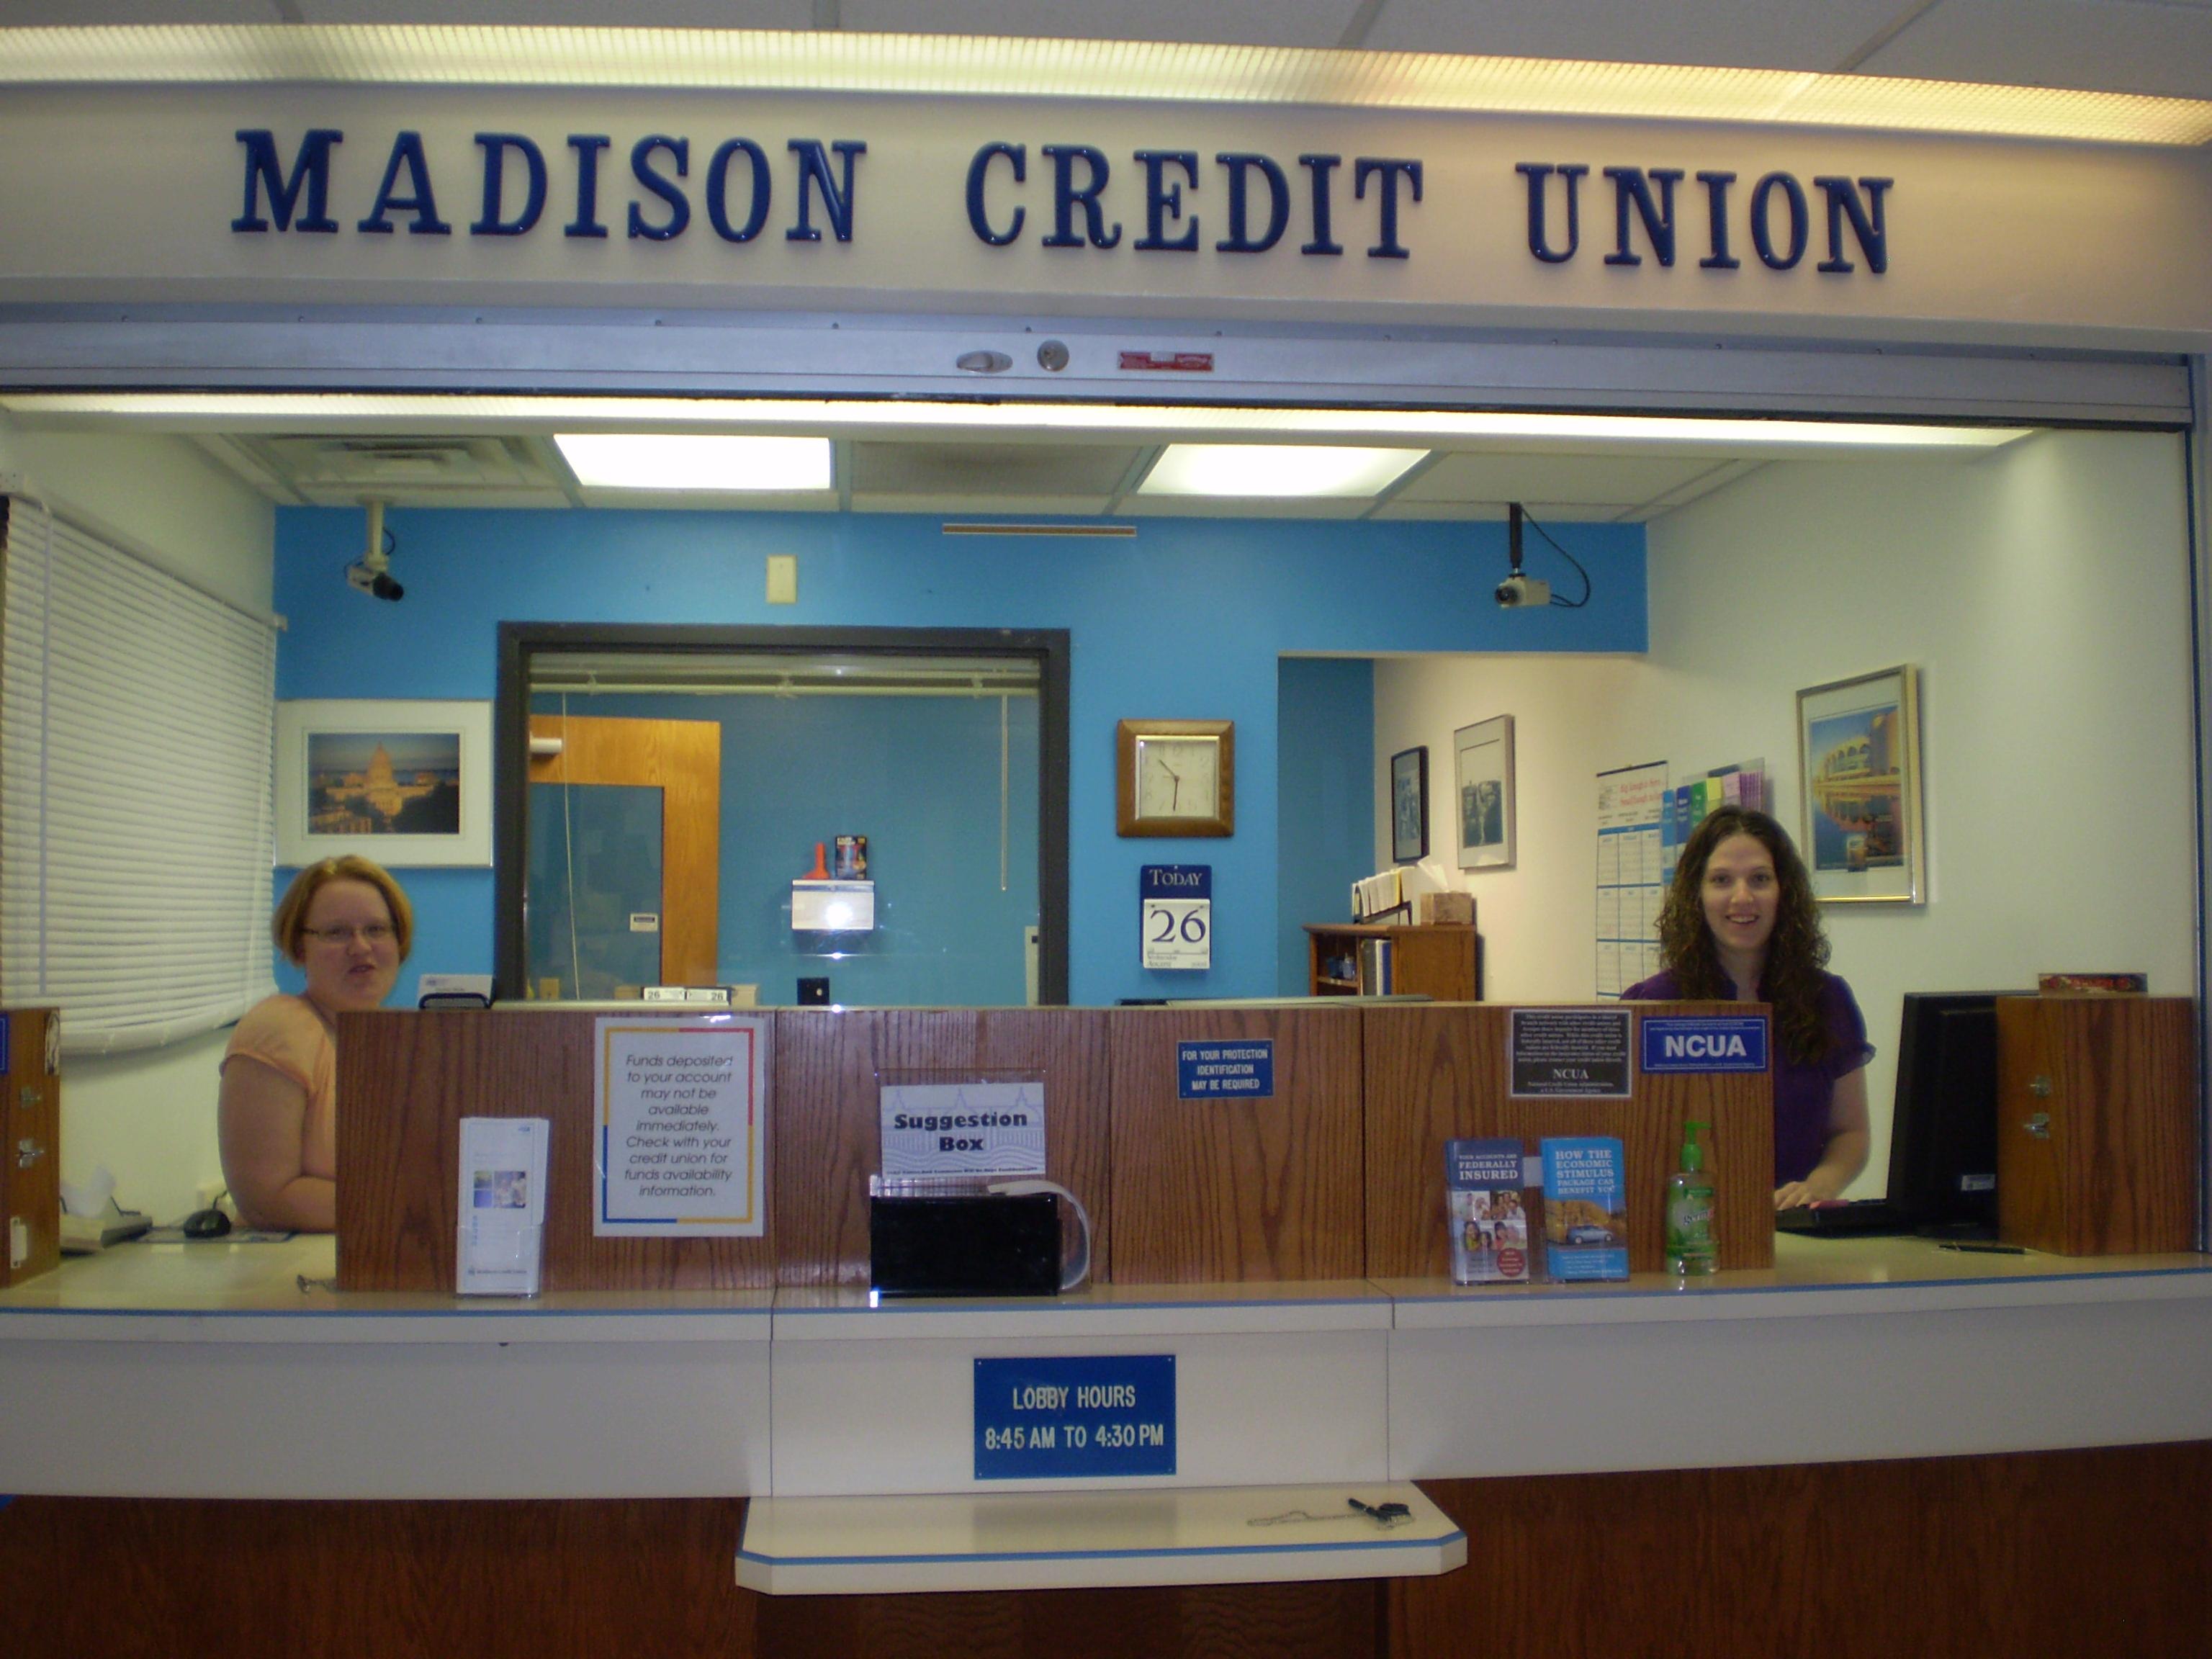 madison credit